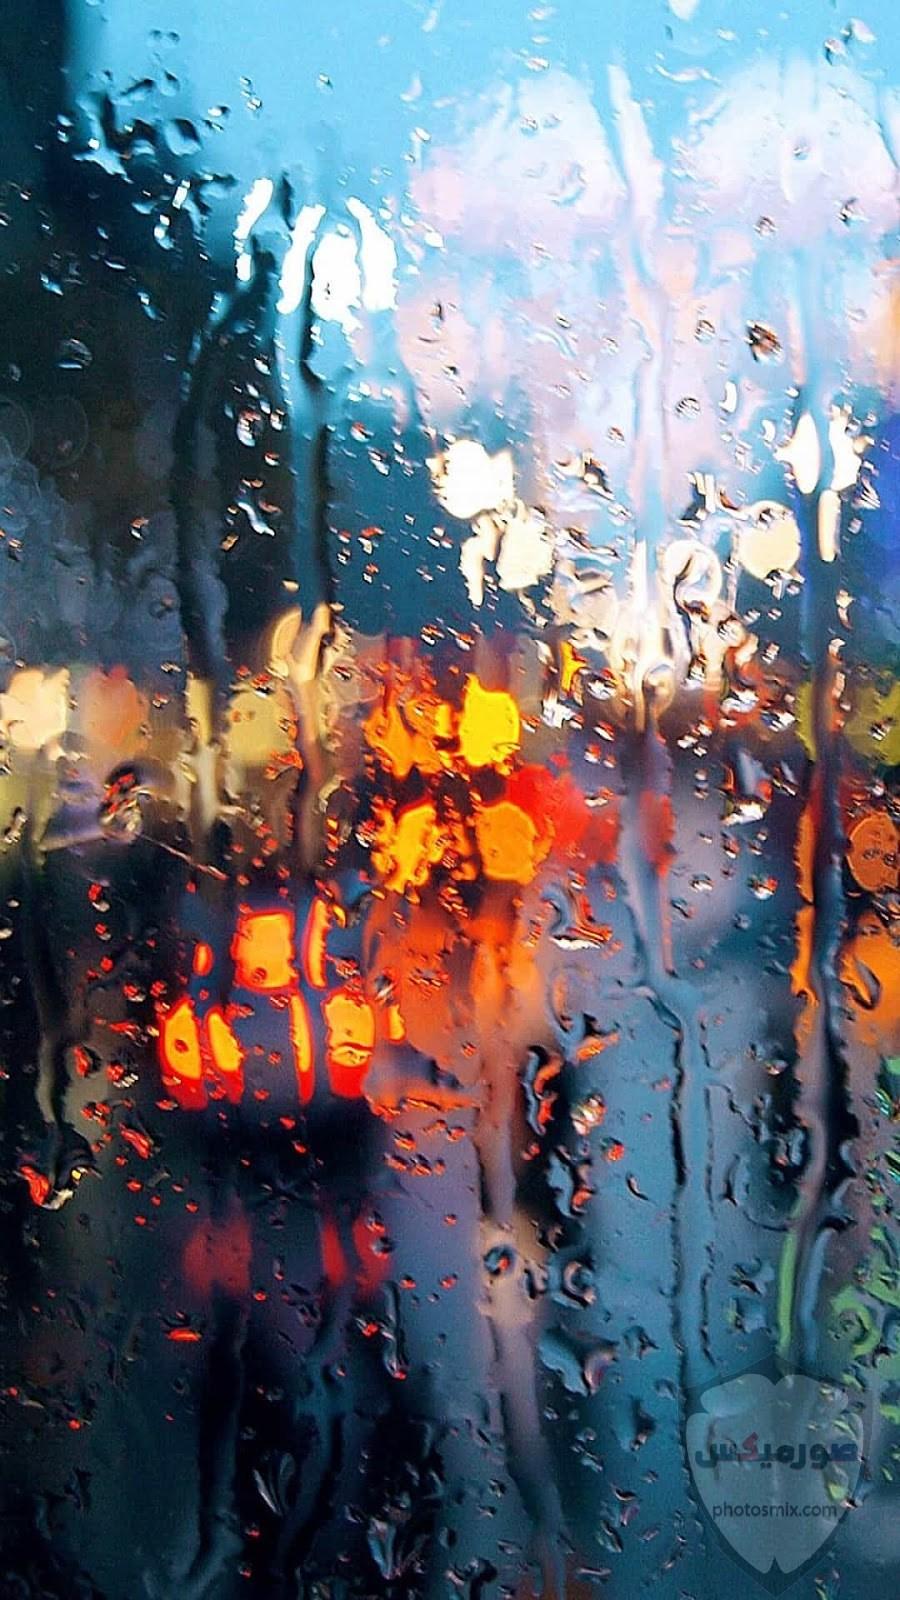 أجمل صور مطر 2020 HD أحلى خلفيات أمطار للفيس بوك والواتس آب 5